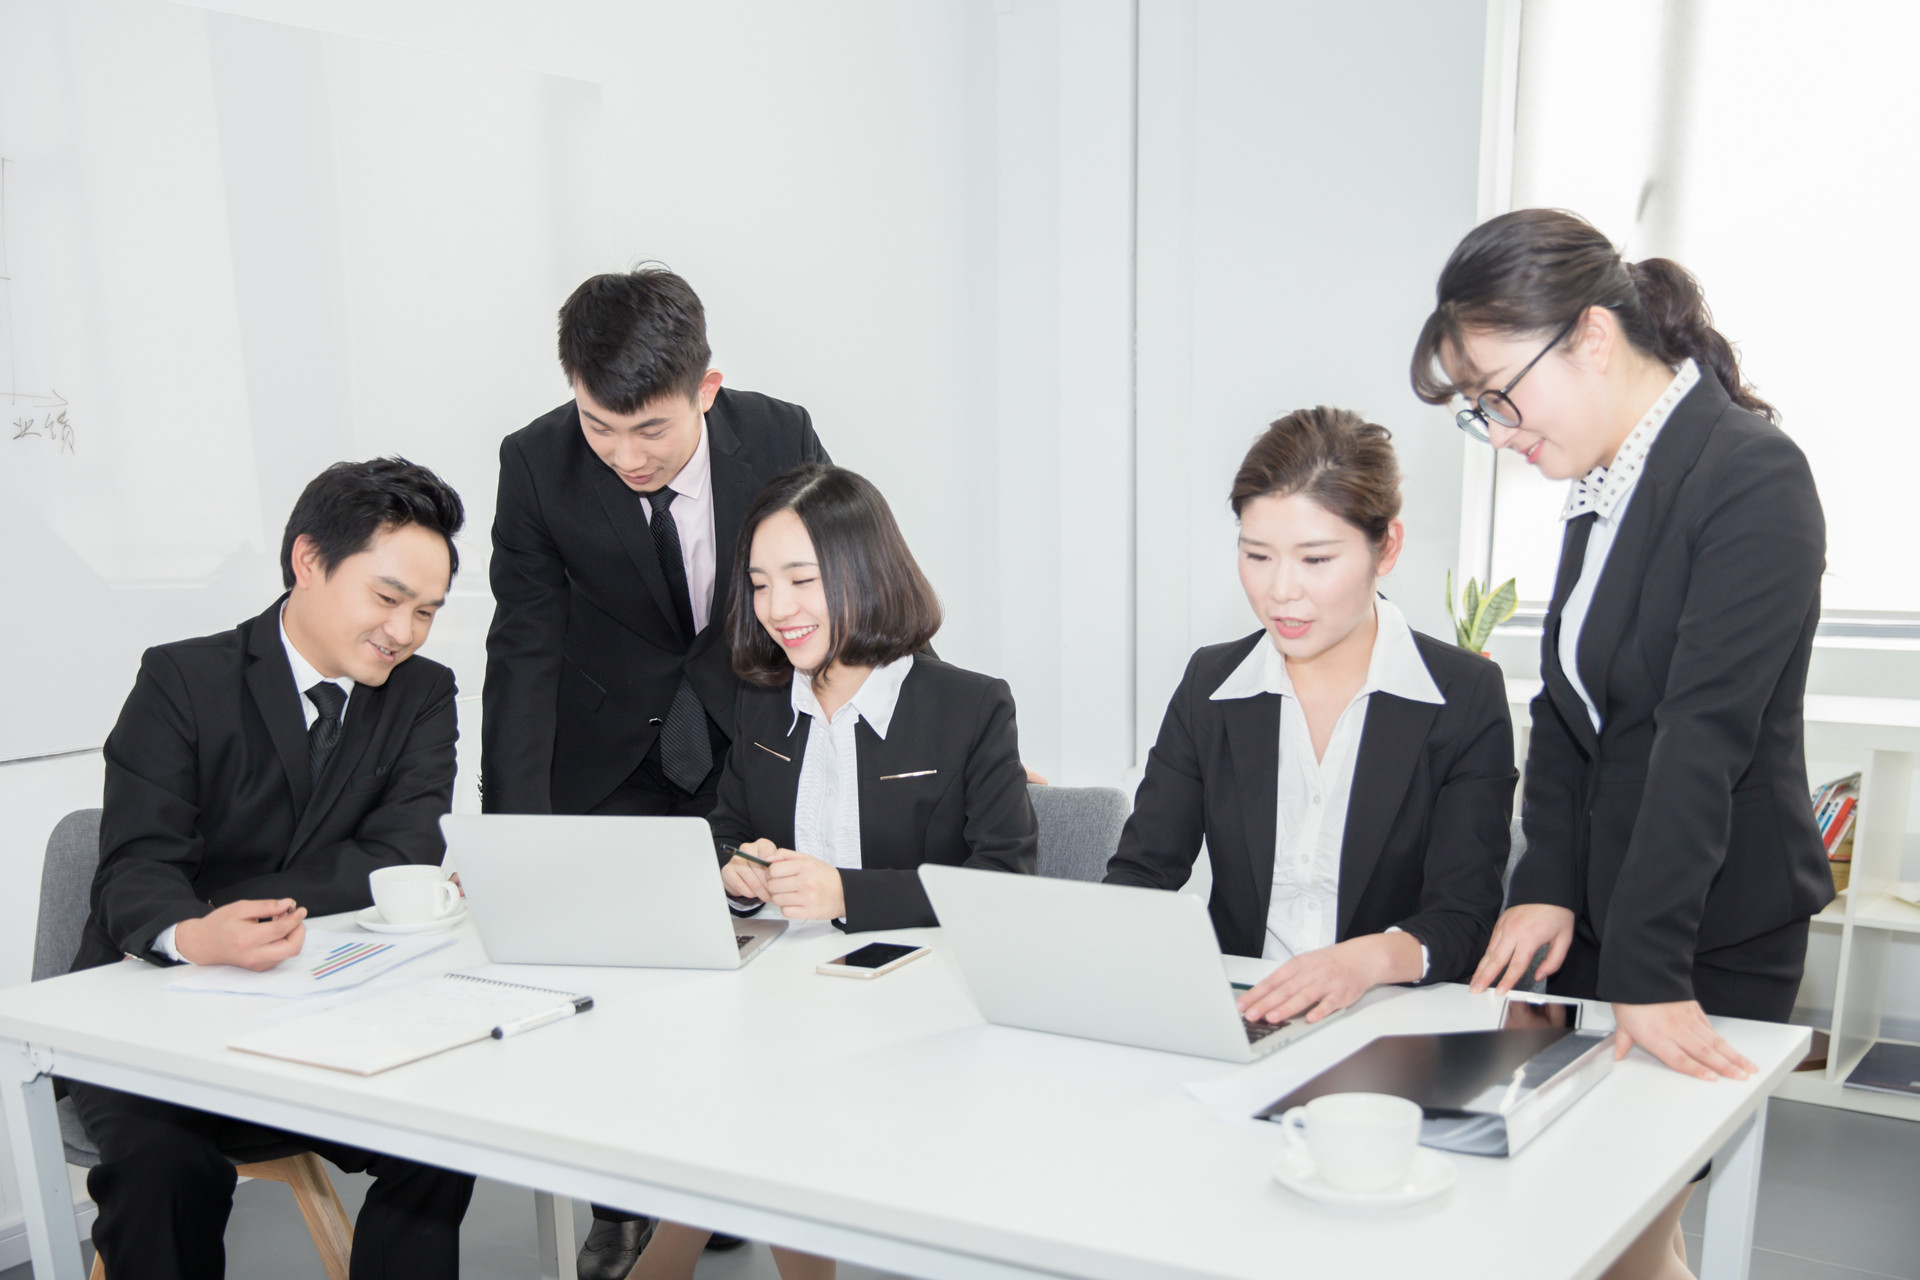 长沙社保代缴 如何保障用户信息安全?